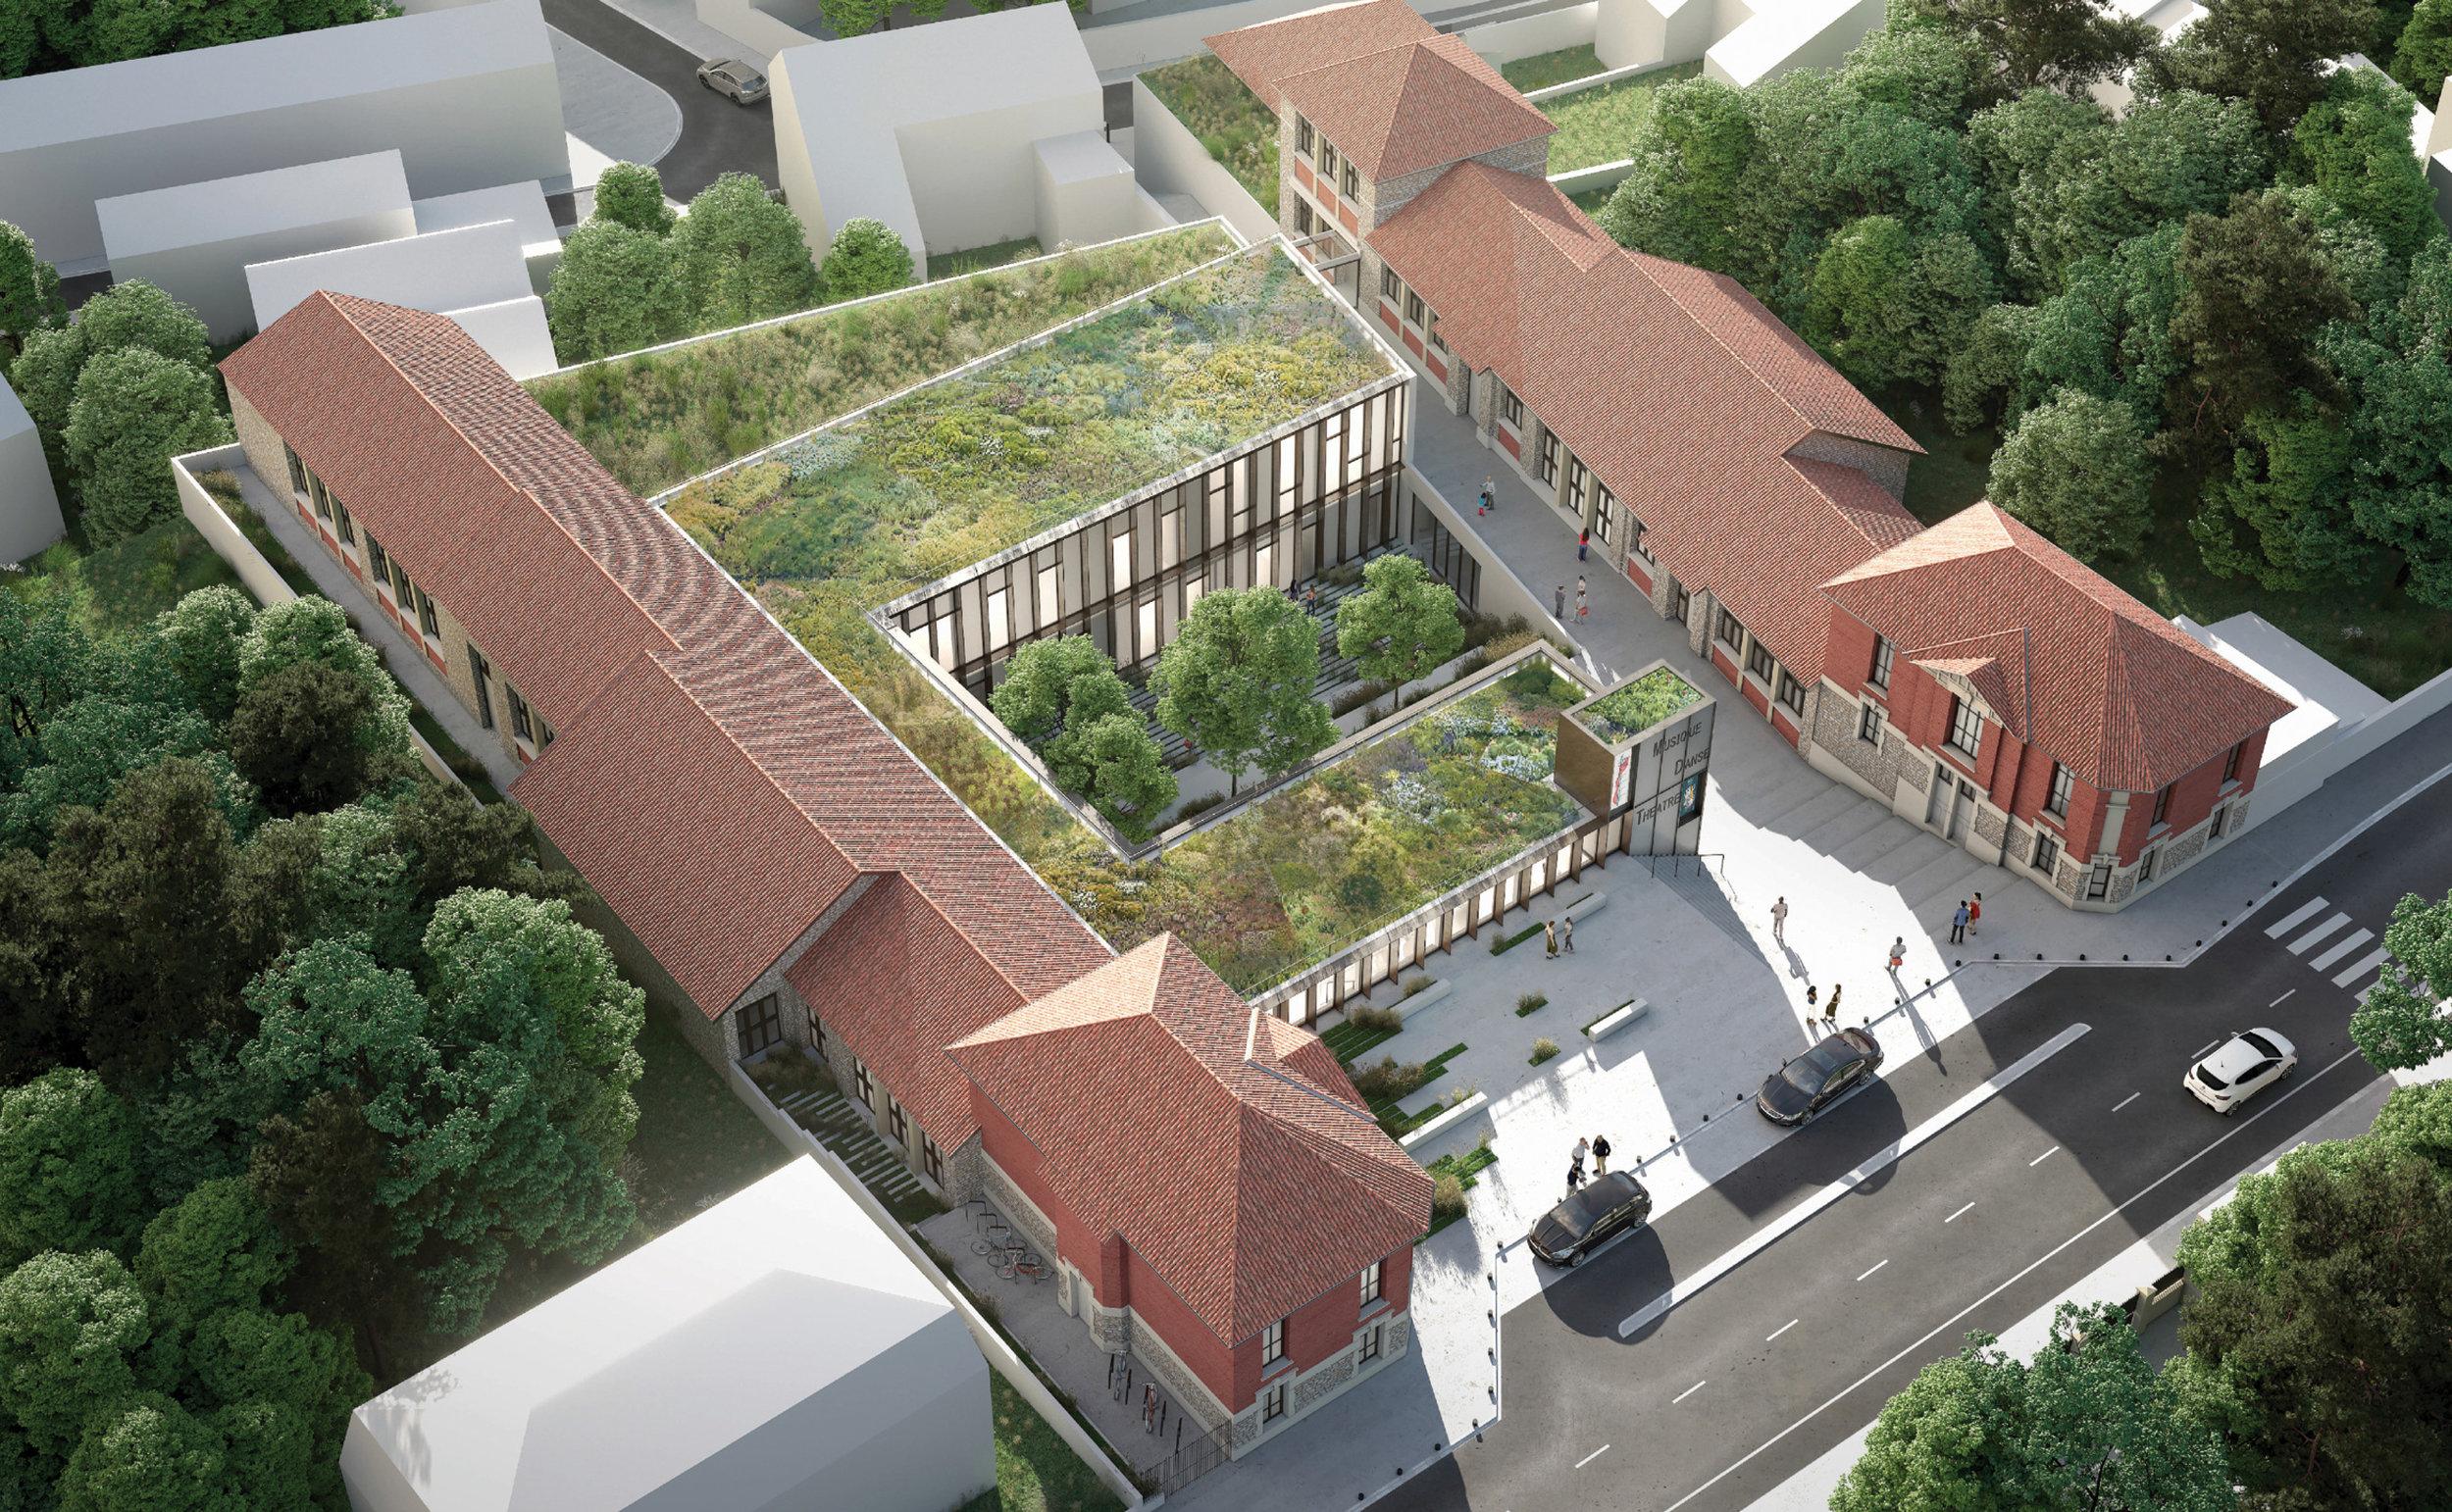 Conservatoire / Palaiseau (91)   Plus qu'un bâtiment, c'est un modelage du terrain qui est proposé pour le projet d'extension et de réhabilitation du conservatoire. Patios et terrasses végétalisés se succèdent, encadrés par les deux toitures linéaires des bâtiments conservés.